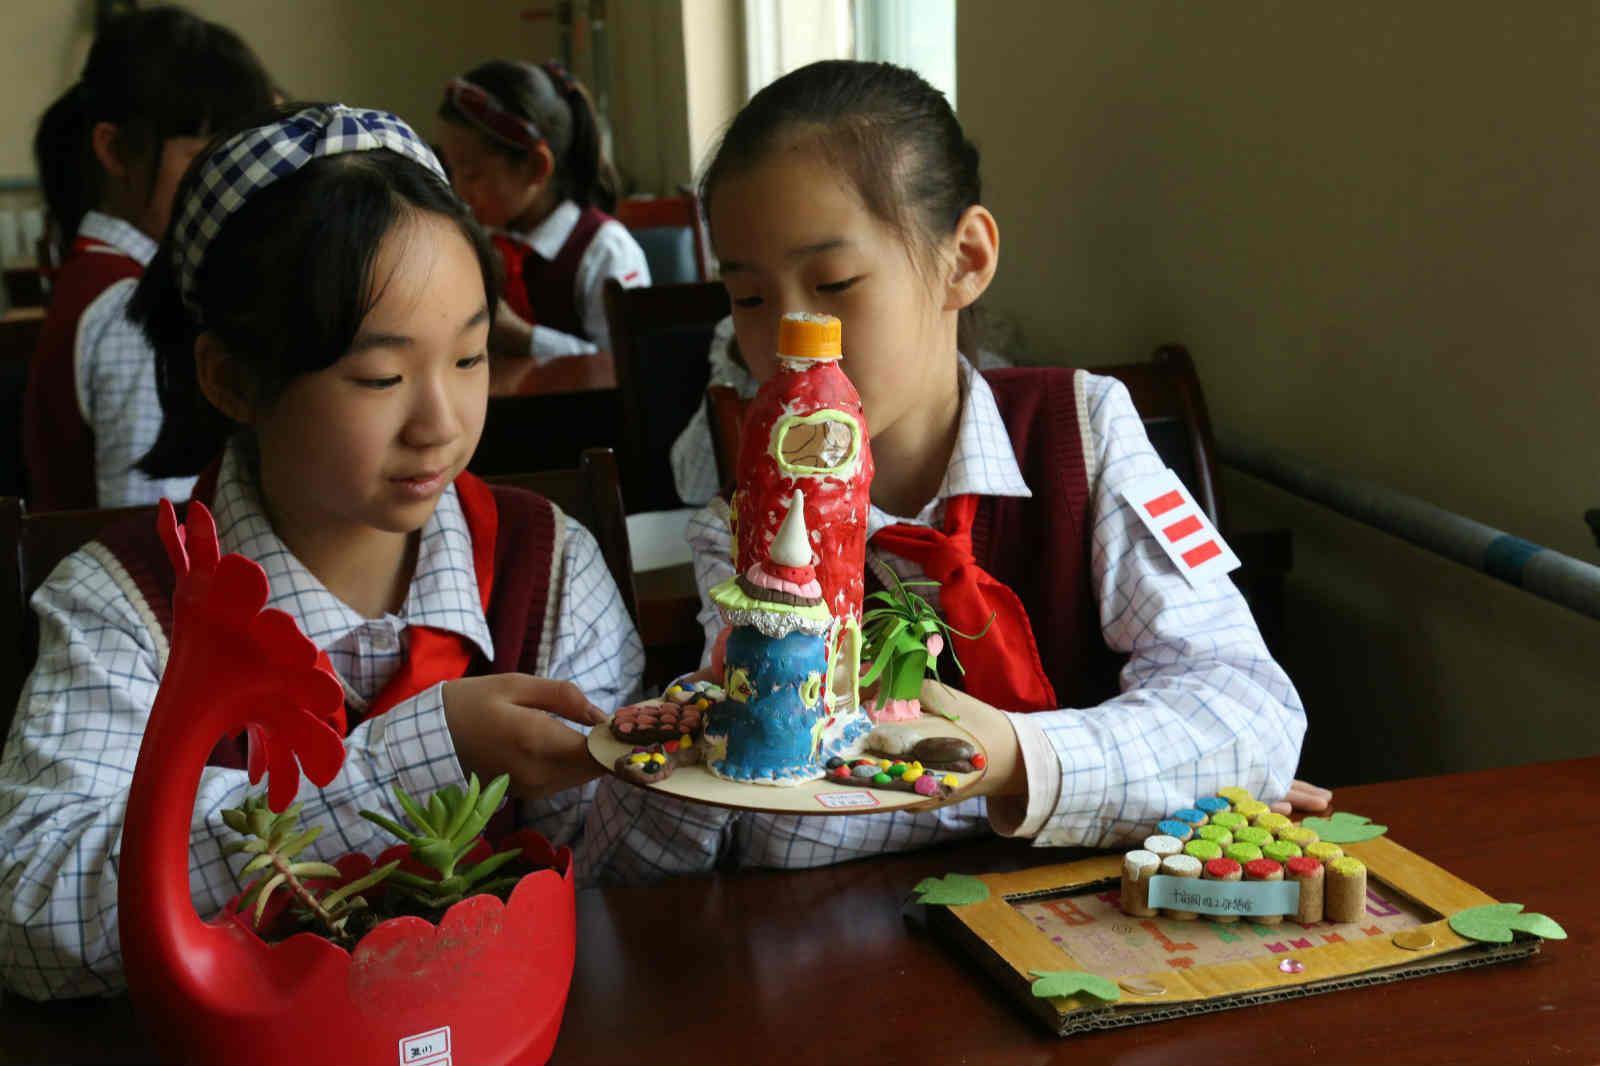 垃圾少一点 地球更美丽——济南市十亩园小学垃圾减量社区行动日